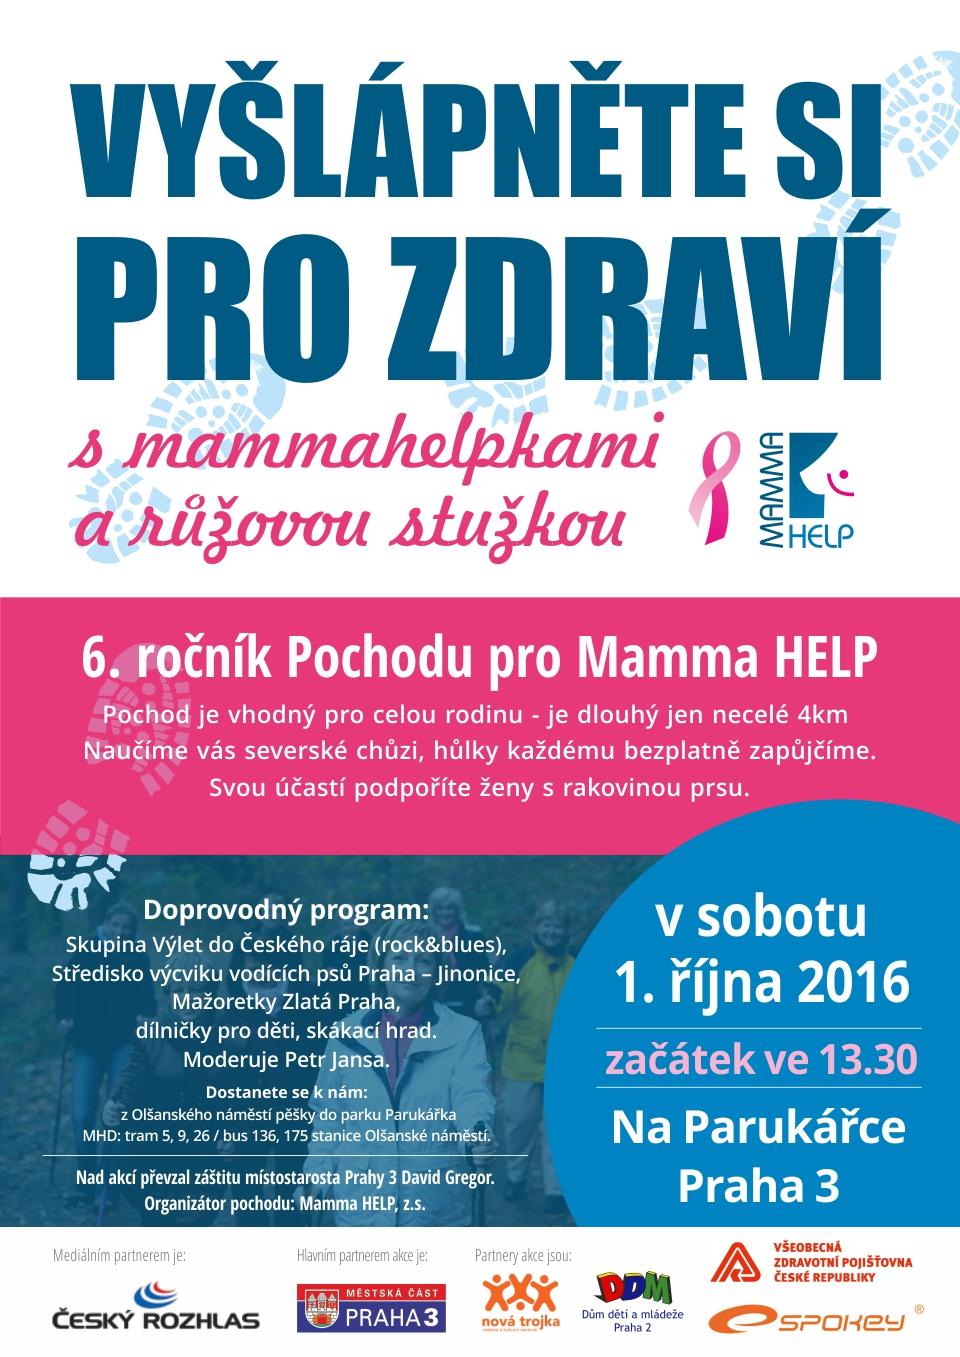 Pozvánka na pochod pro Mamma HELP